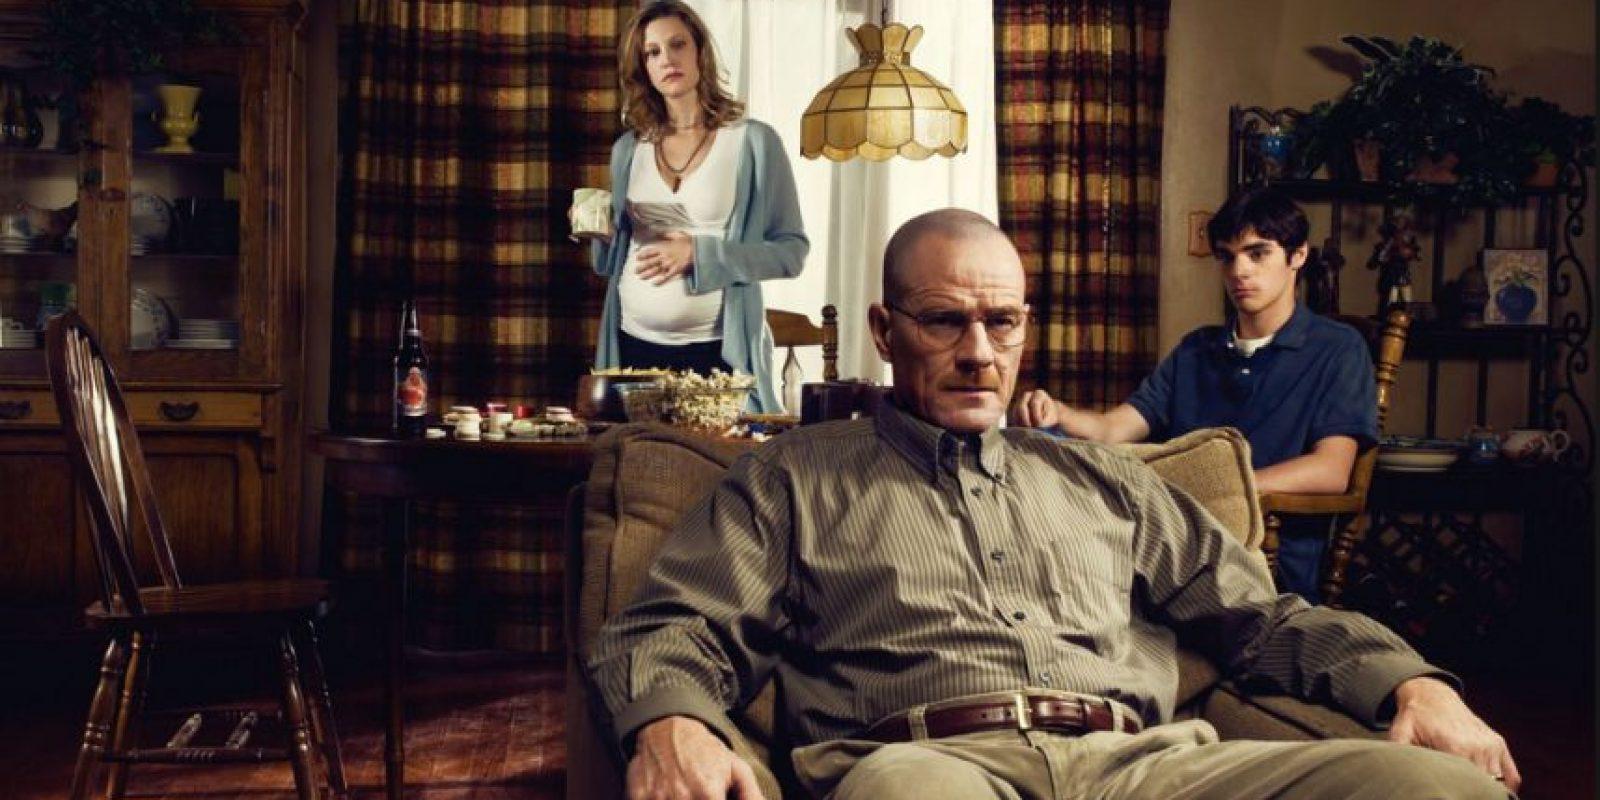 Narra la historia de Walter White, un profesor de química con problemas económicos a quien le diagnostican un cáncer de pulmón. Foto:Vía AMC